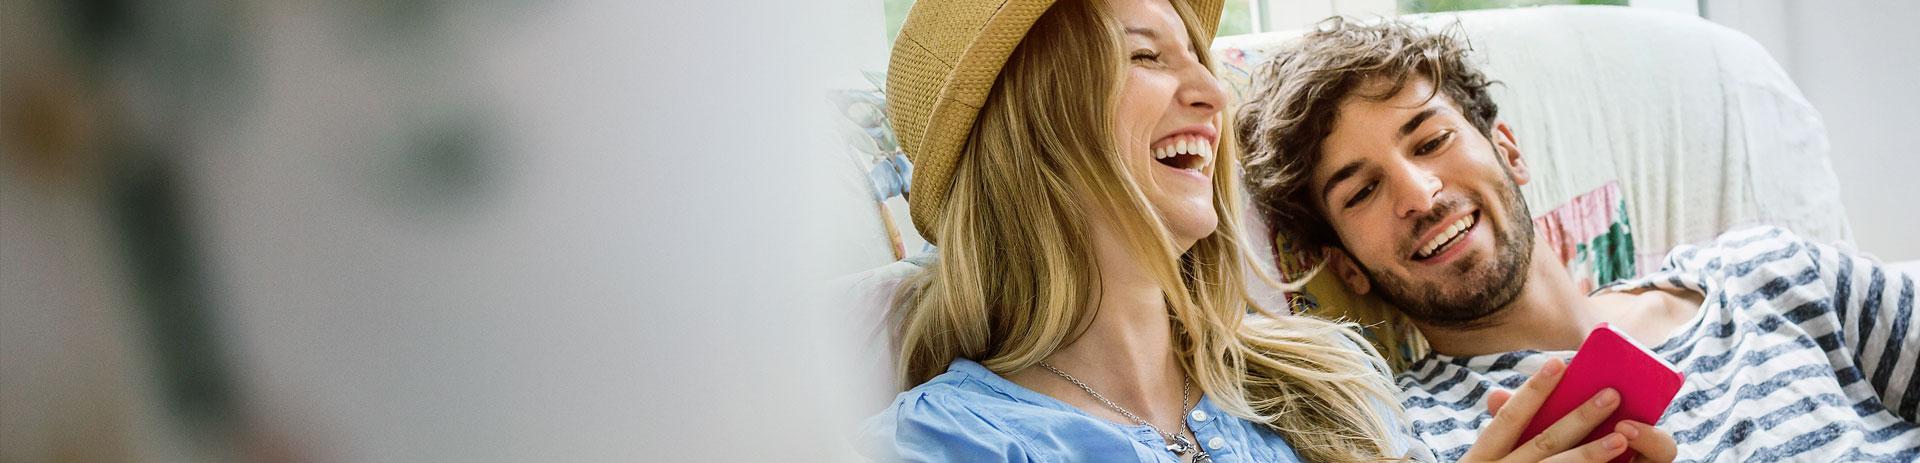 Lachende Frau, die ein Handy hält und ein lachender Mann